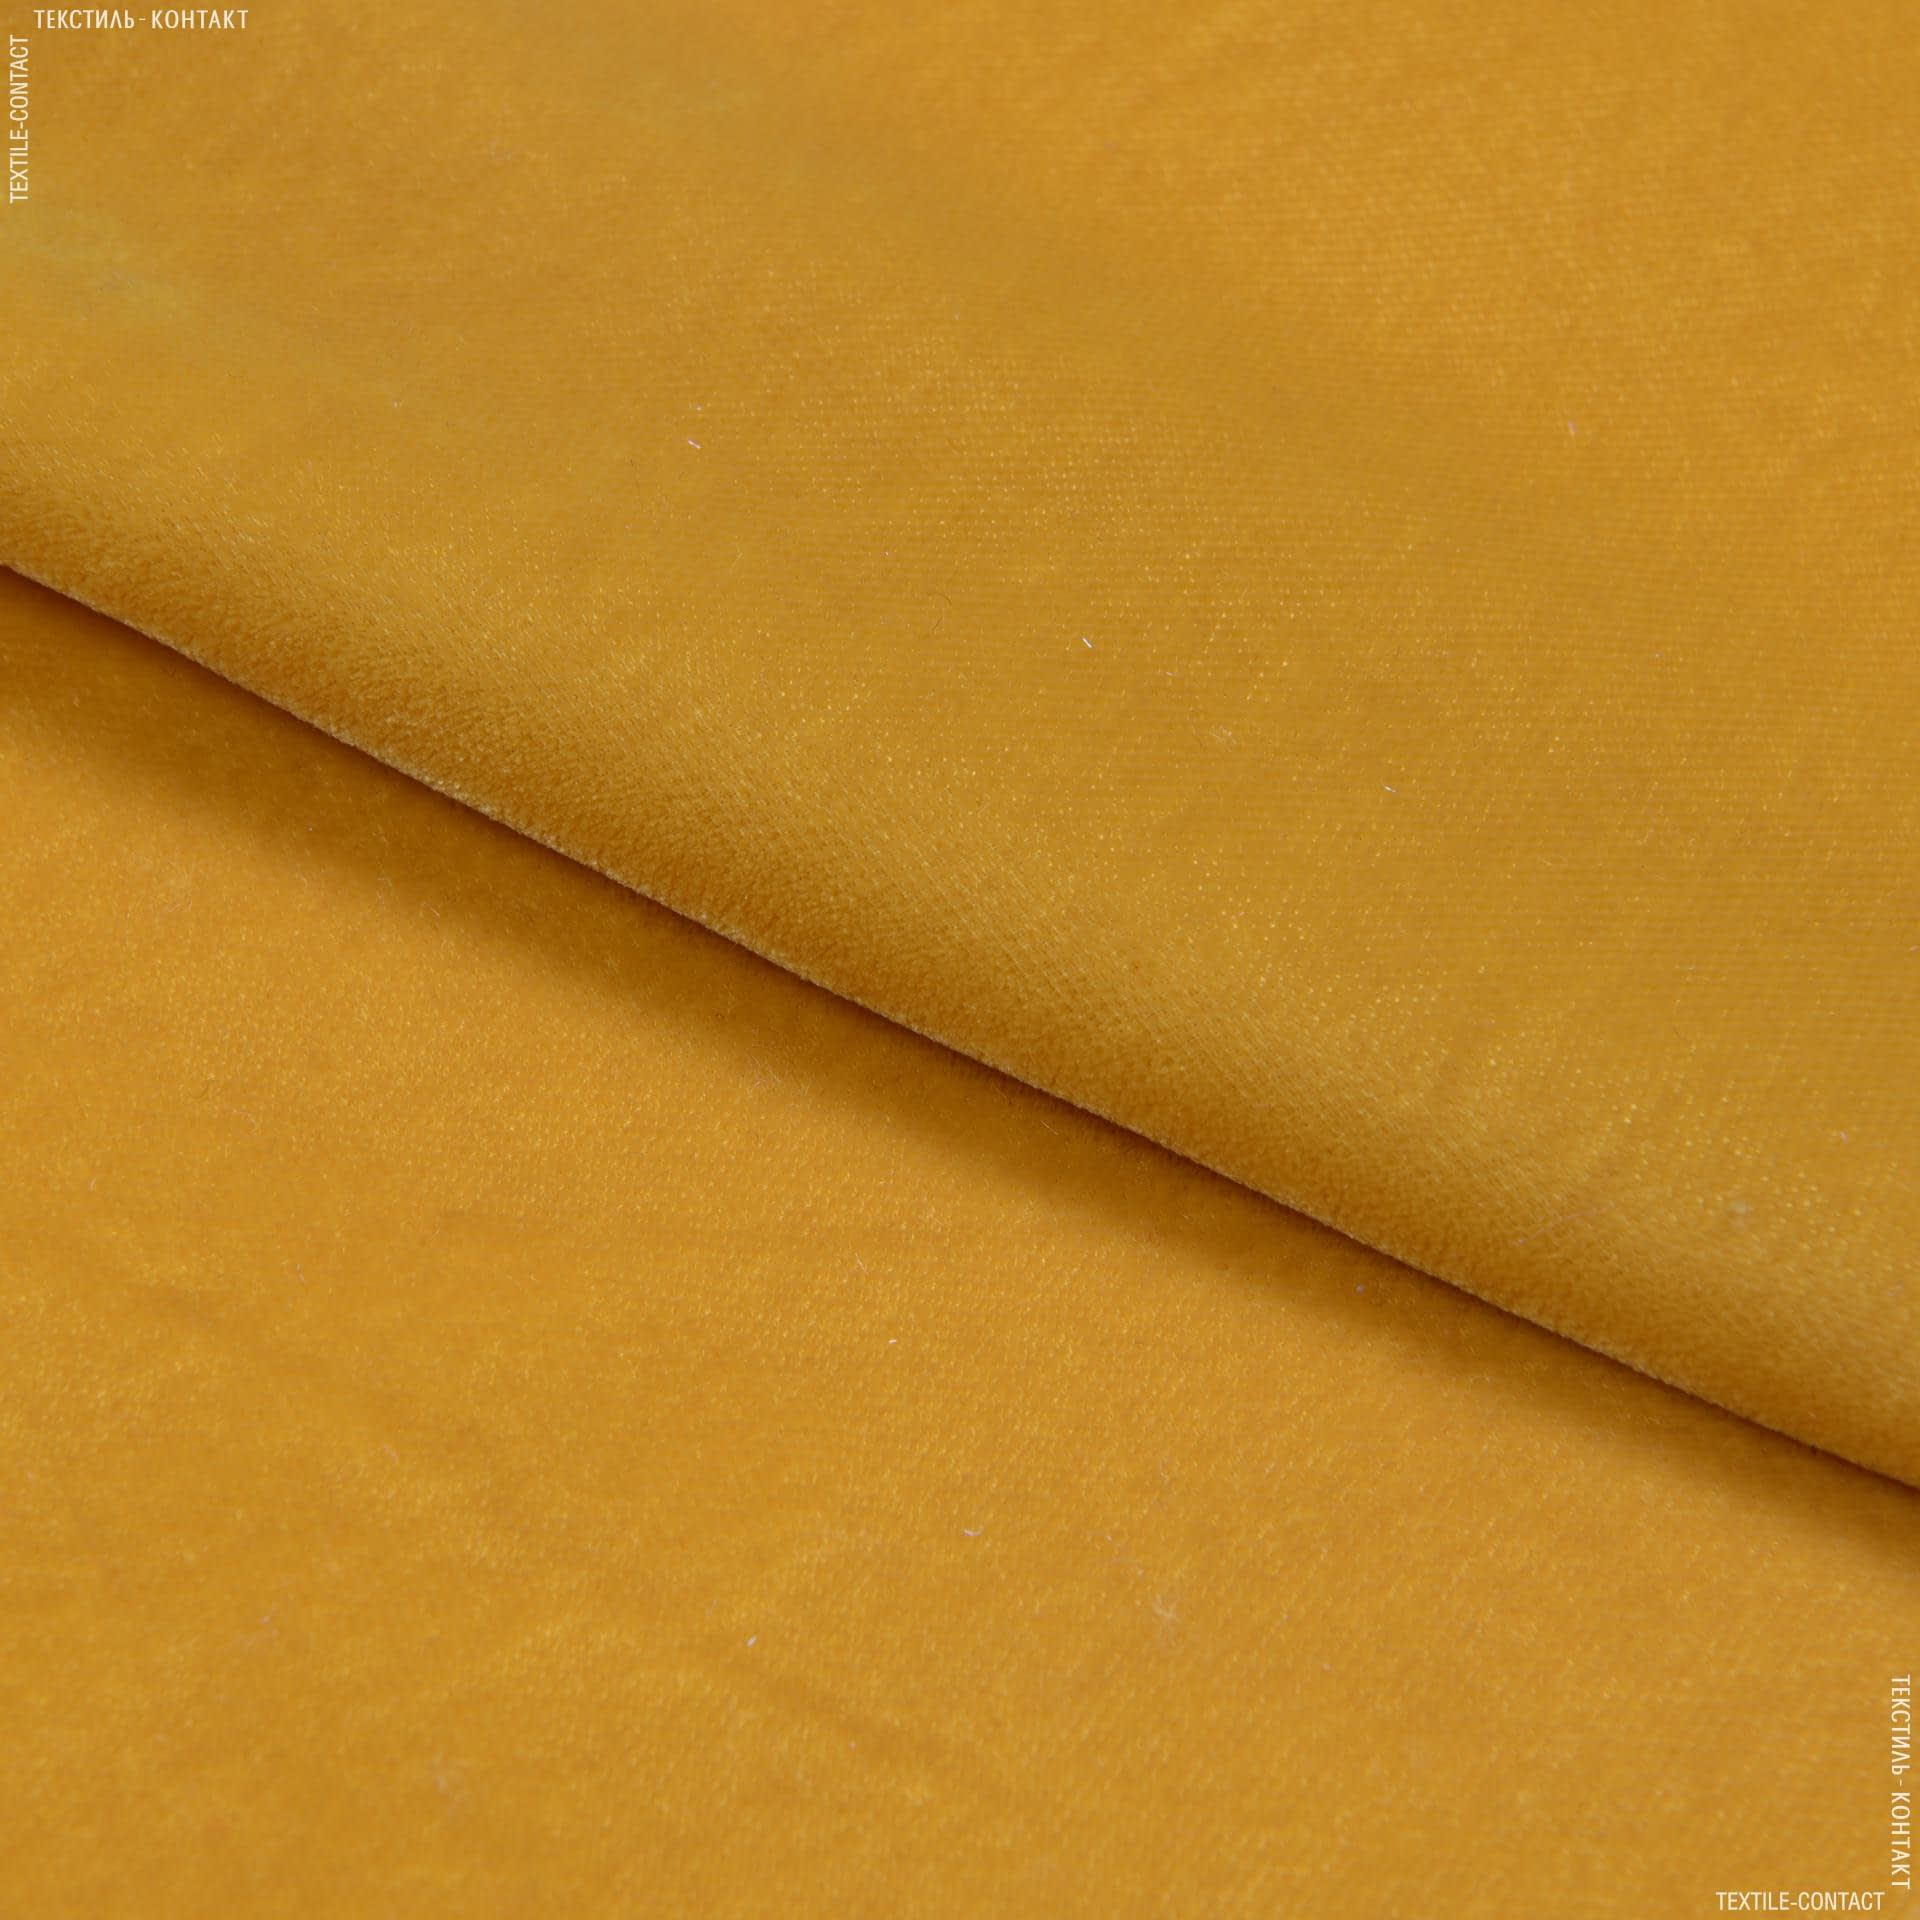 Ткани для платьев - Бархат айс темно-желтый